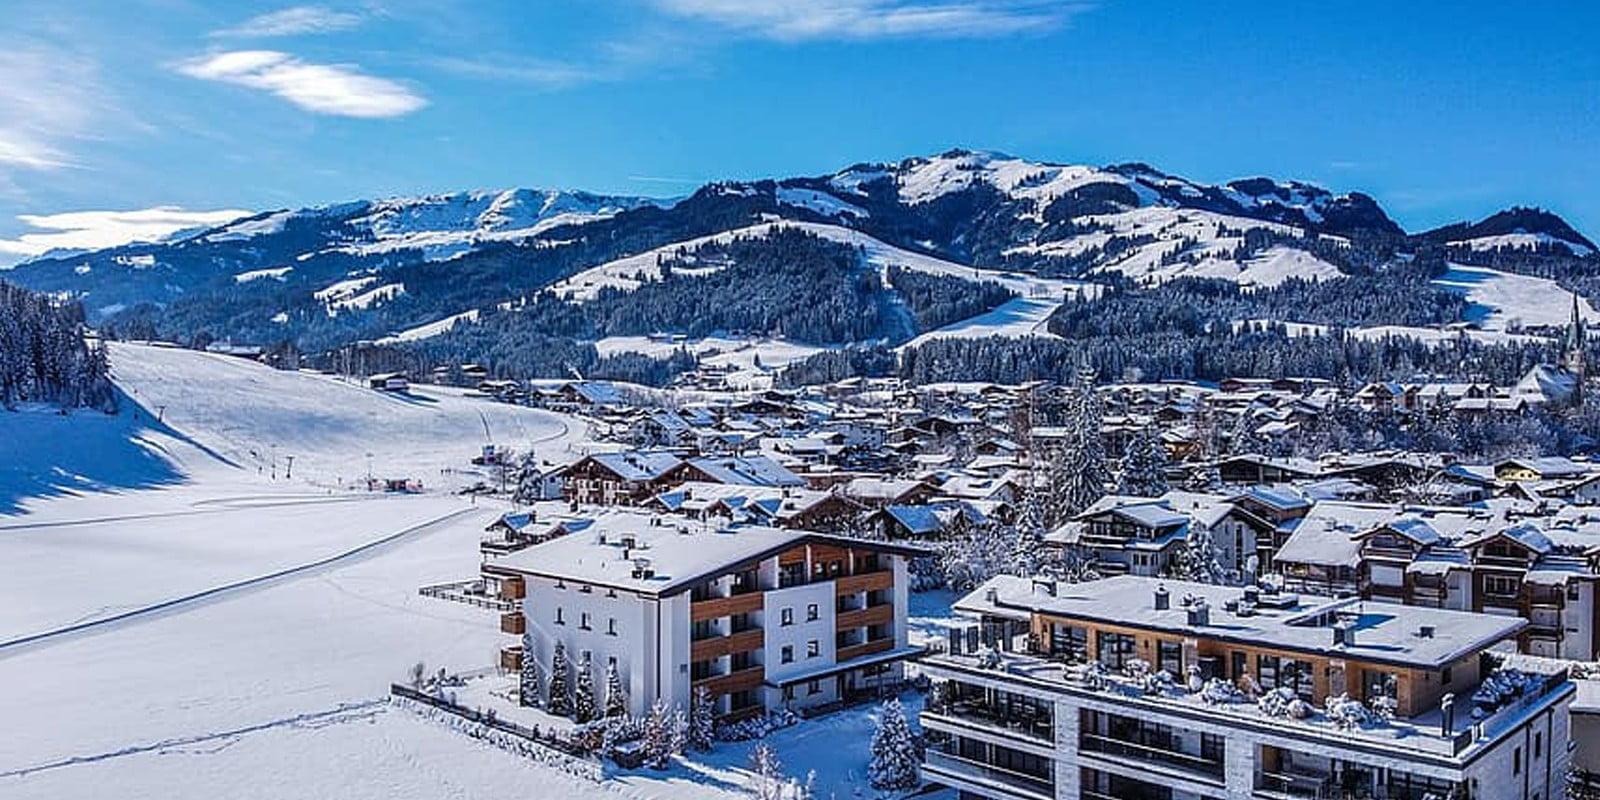 Kirchberg winter